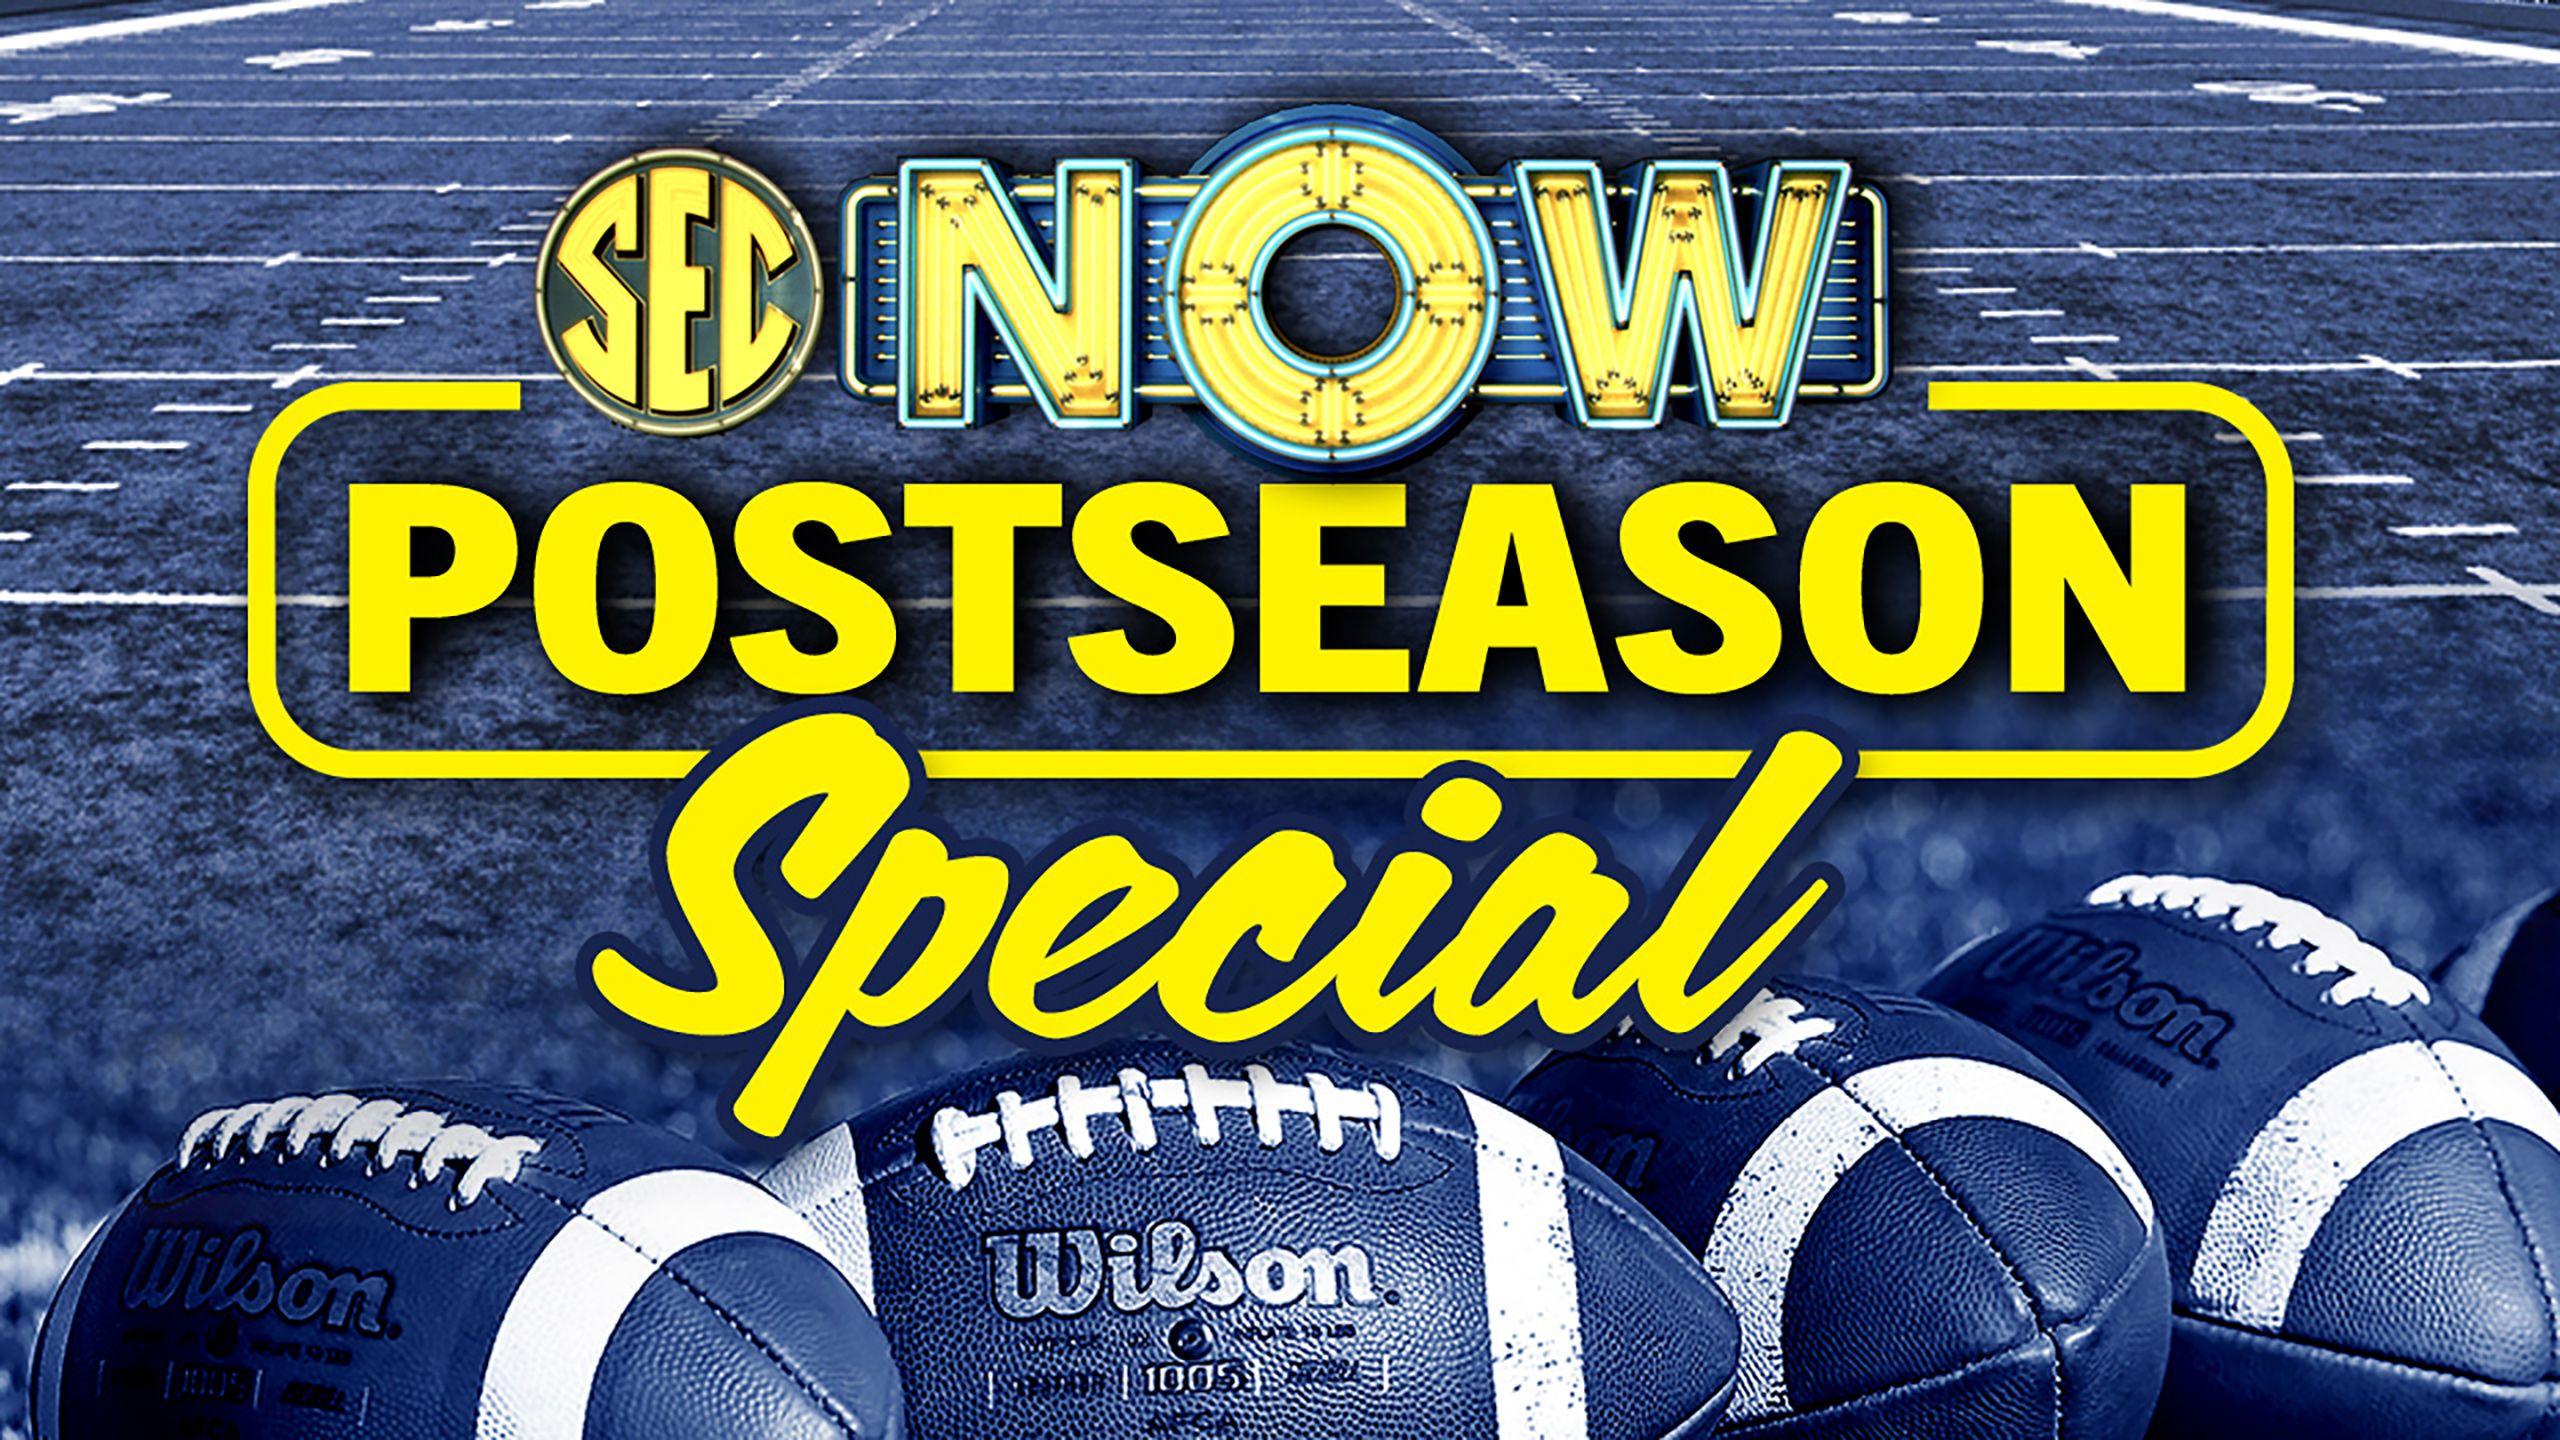 SEC Now: Postseason Preview